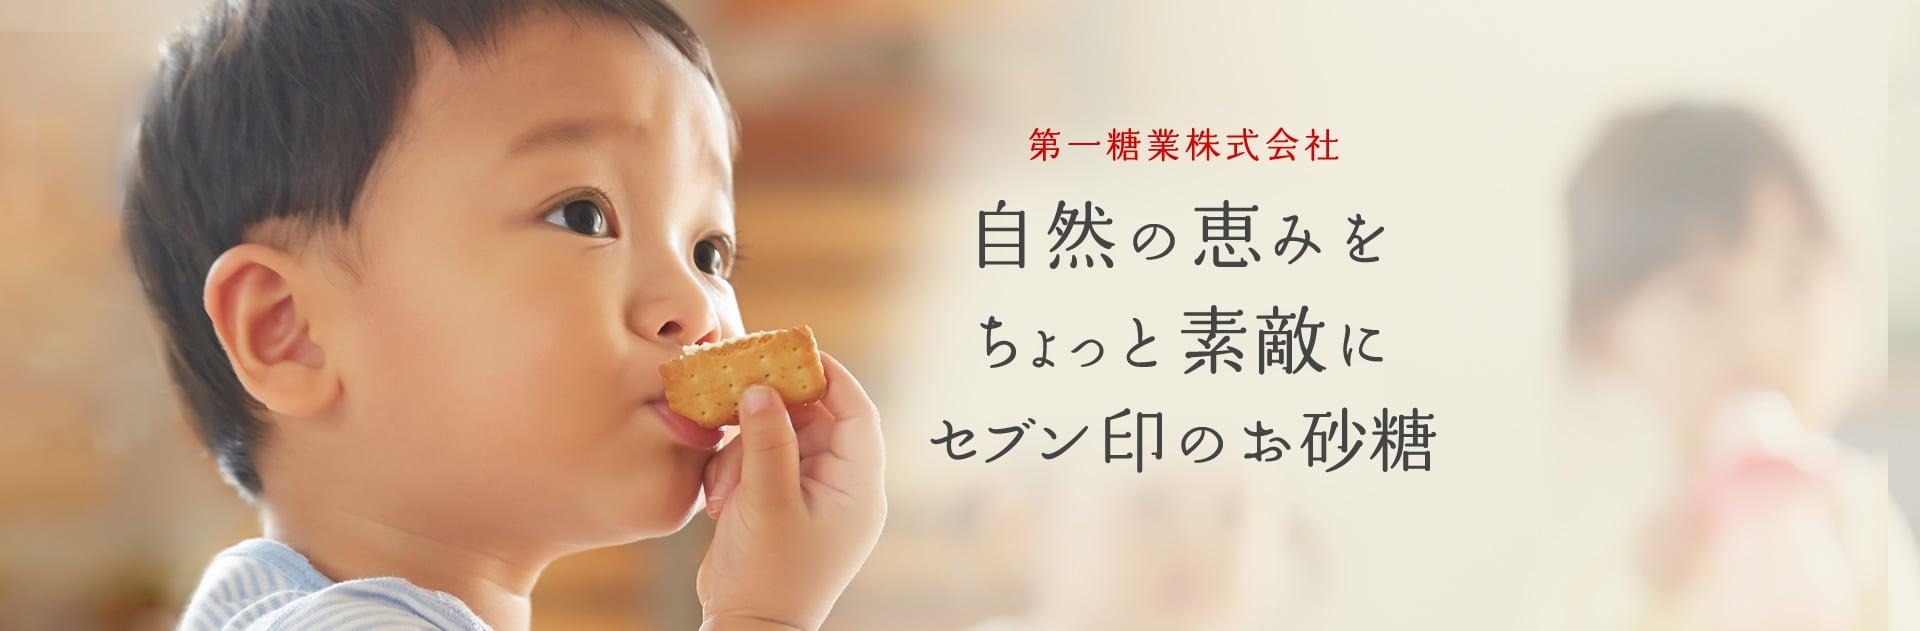 第一糖業株式会社(公式ホームペ...